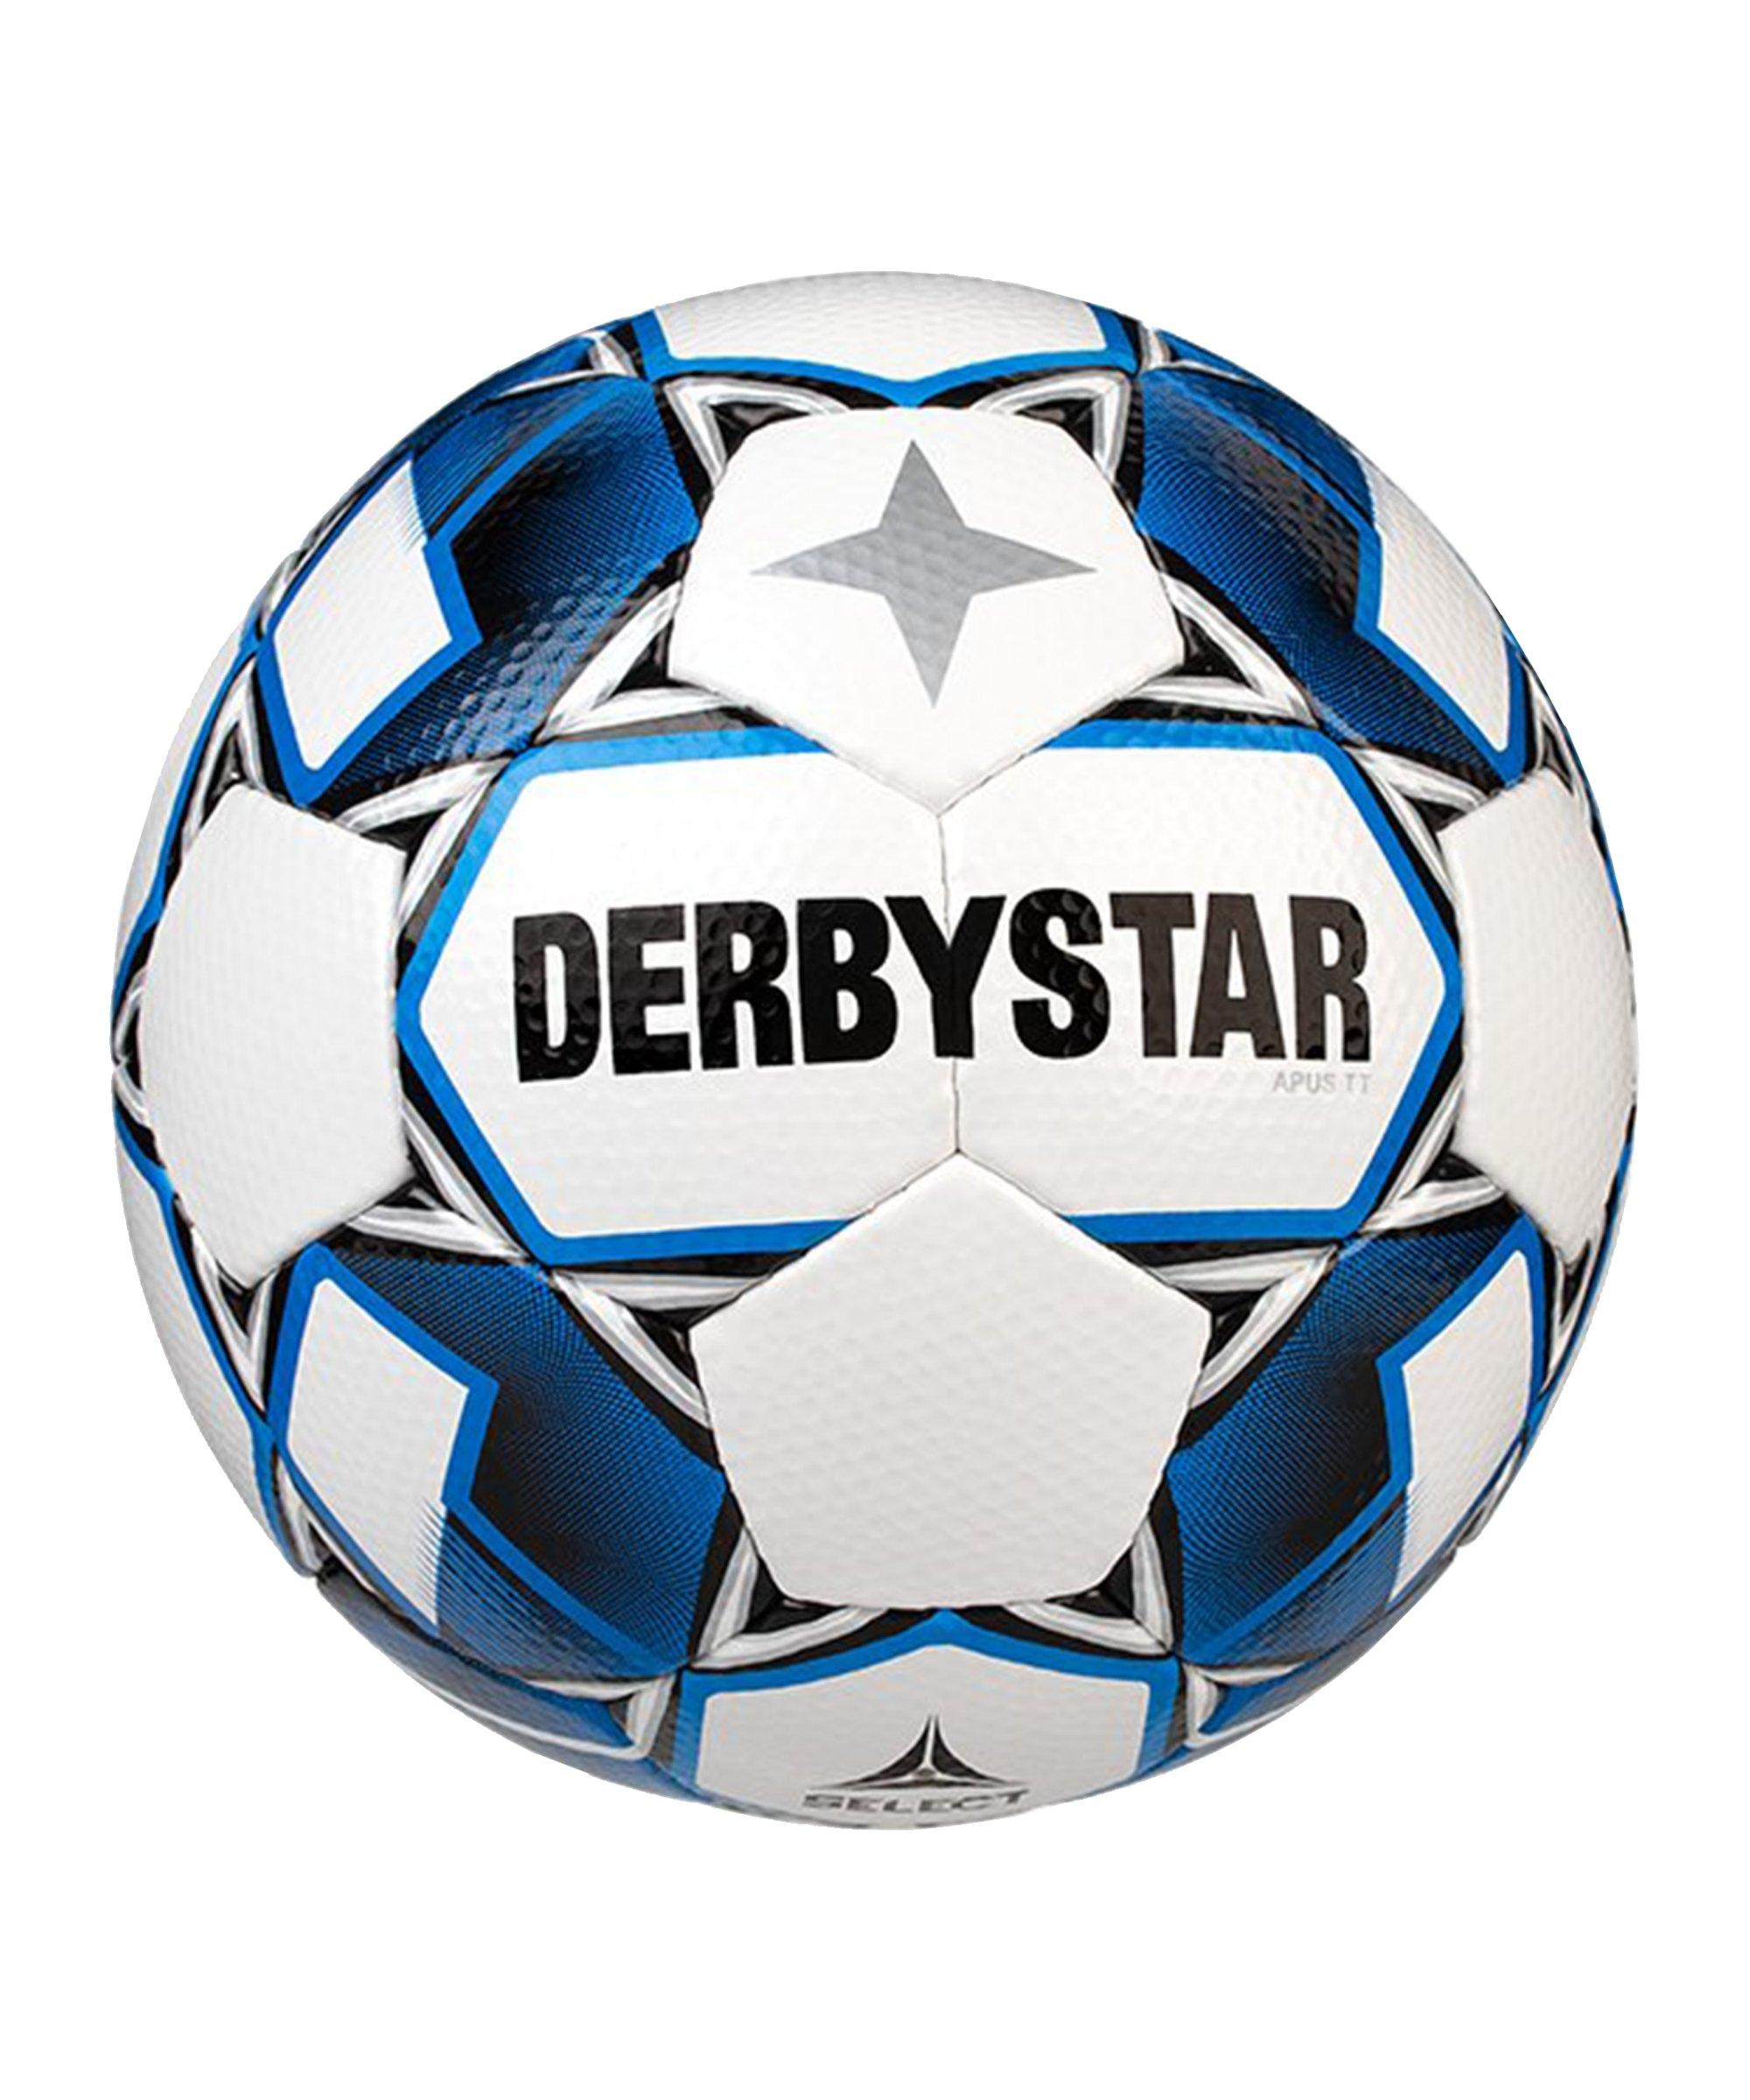 Derbystar Apus TT v20 Trainingsball F160 - weiss